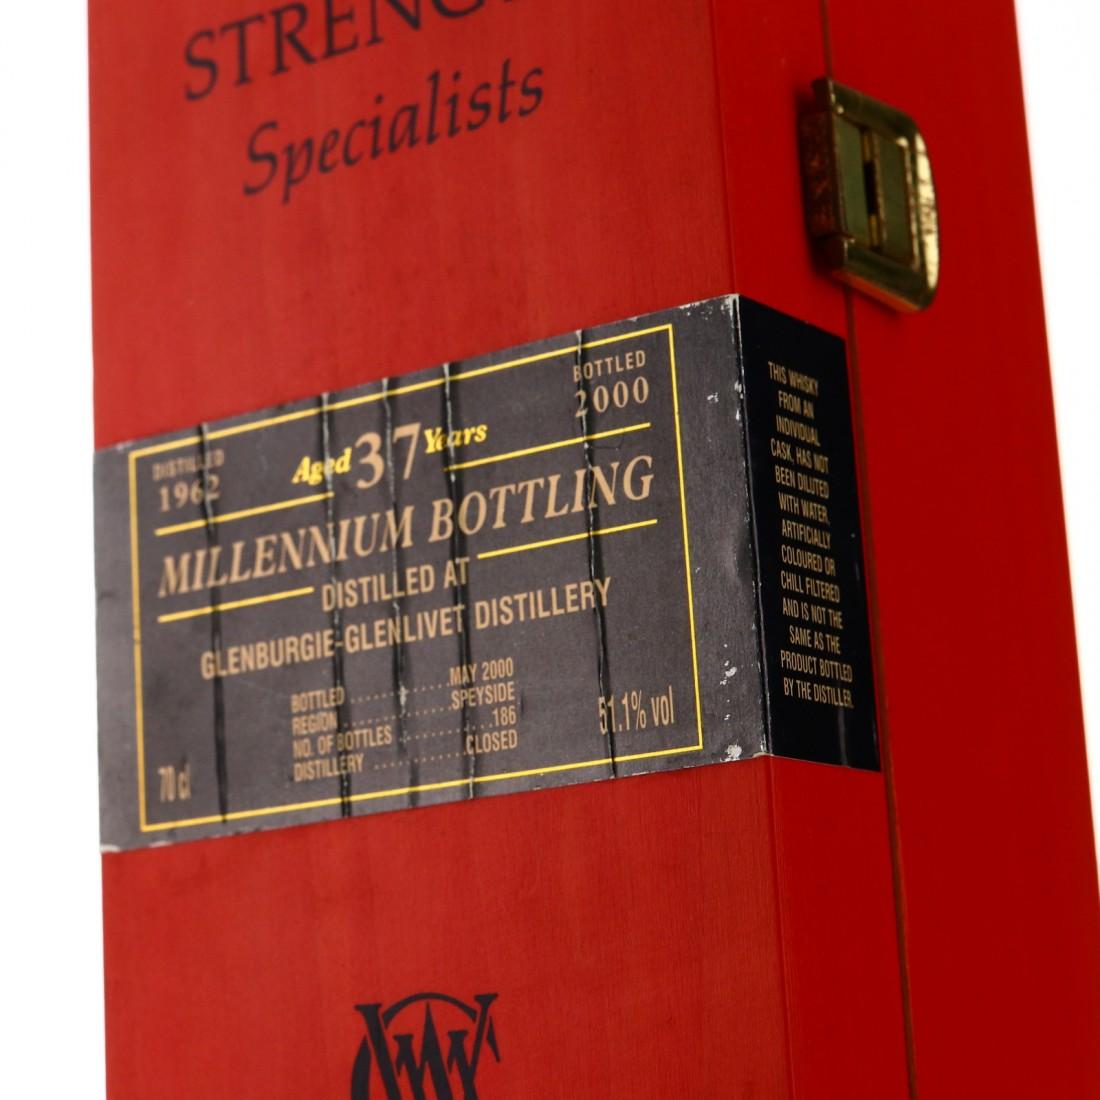 Glenburgie-Glenlivet 1962 Cadenhead's 37 Year Old / Millennium Bottling